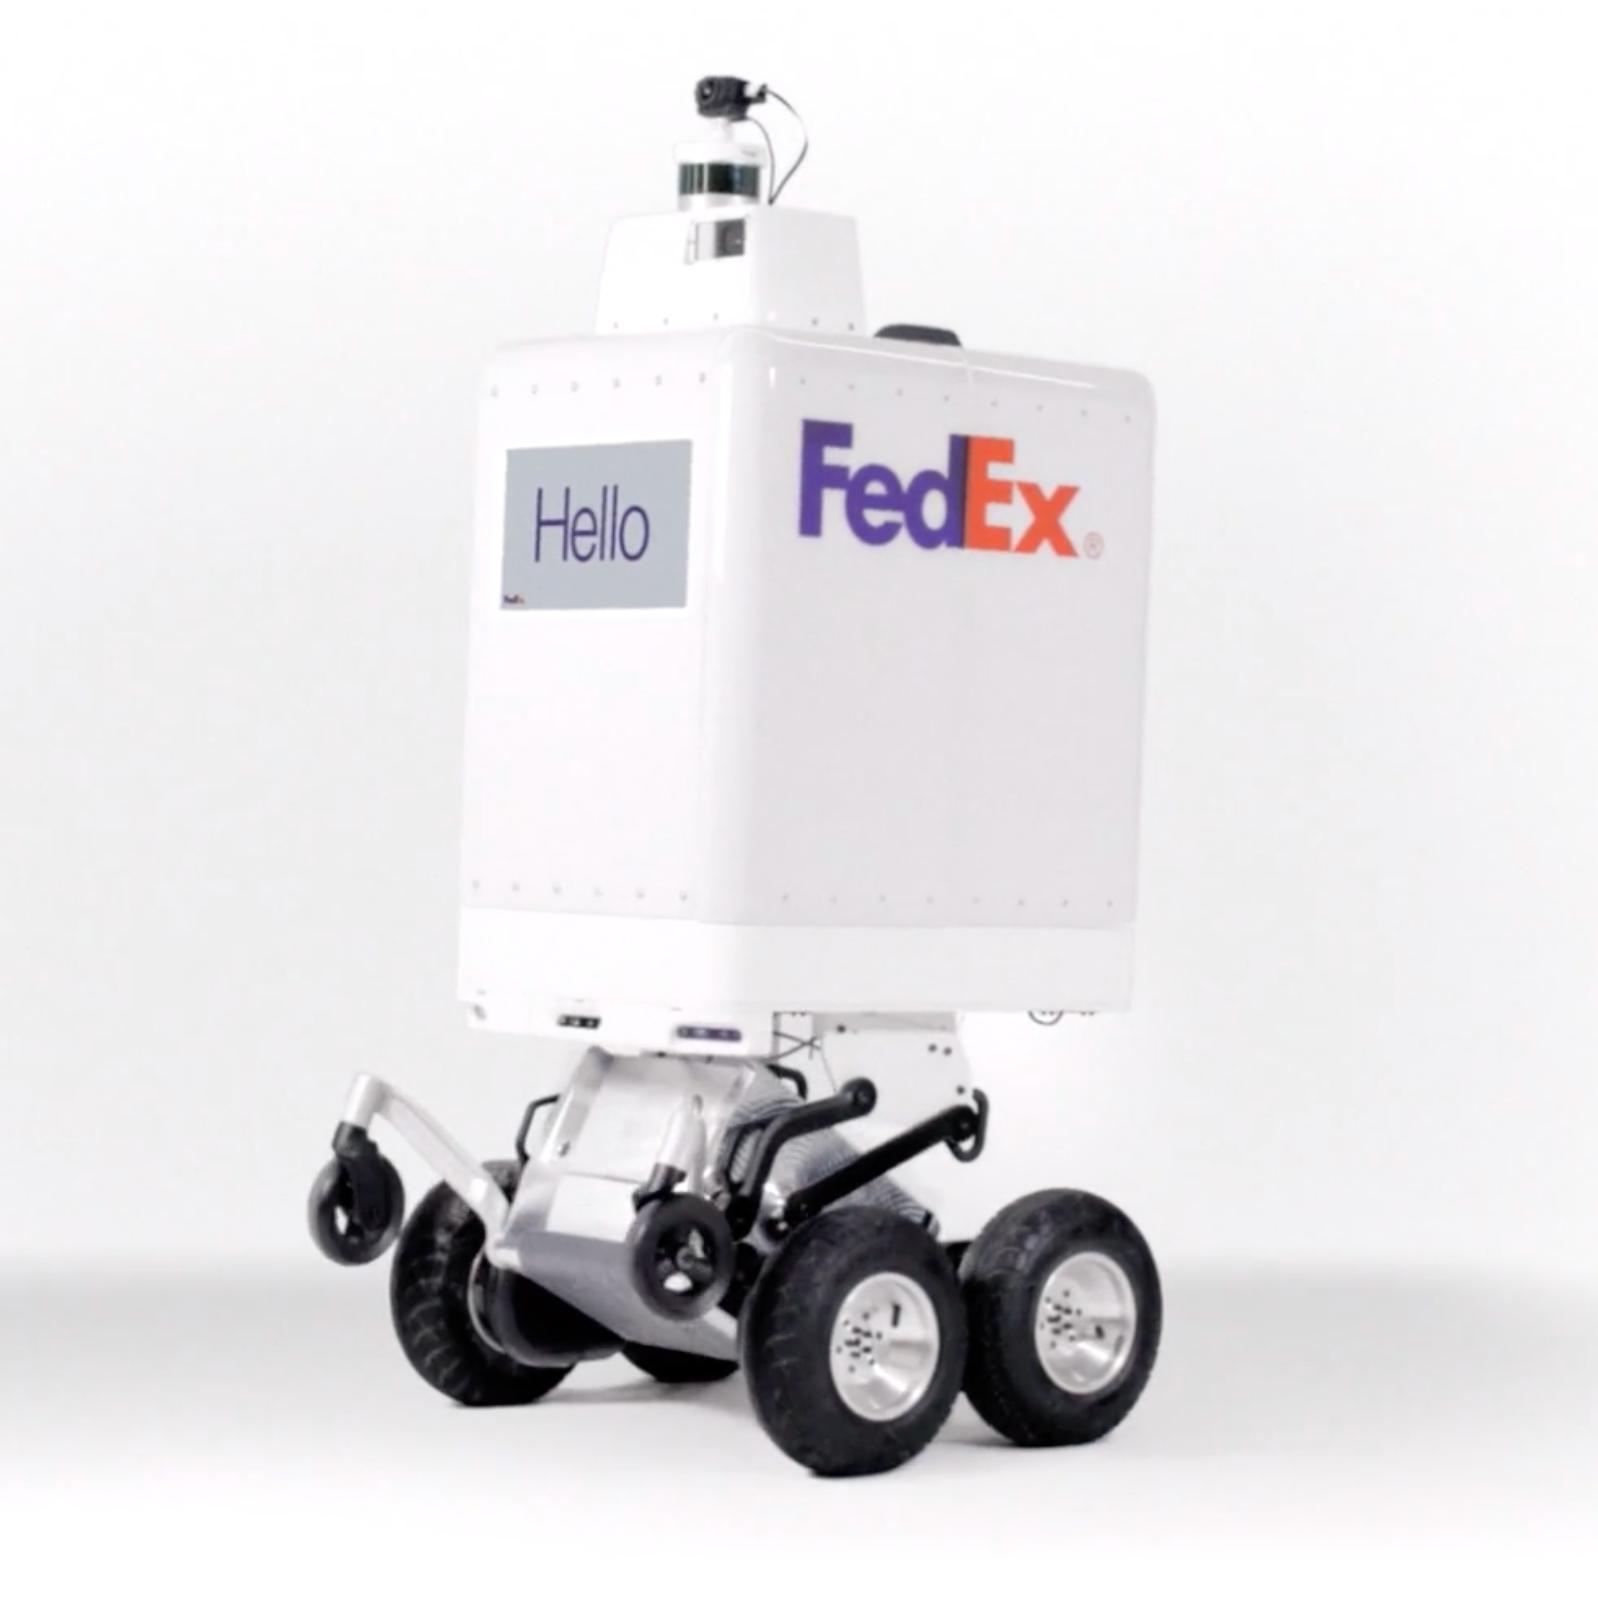 FedEx SameDay Bot - FedEx's new same-day delivery robot